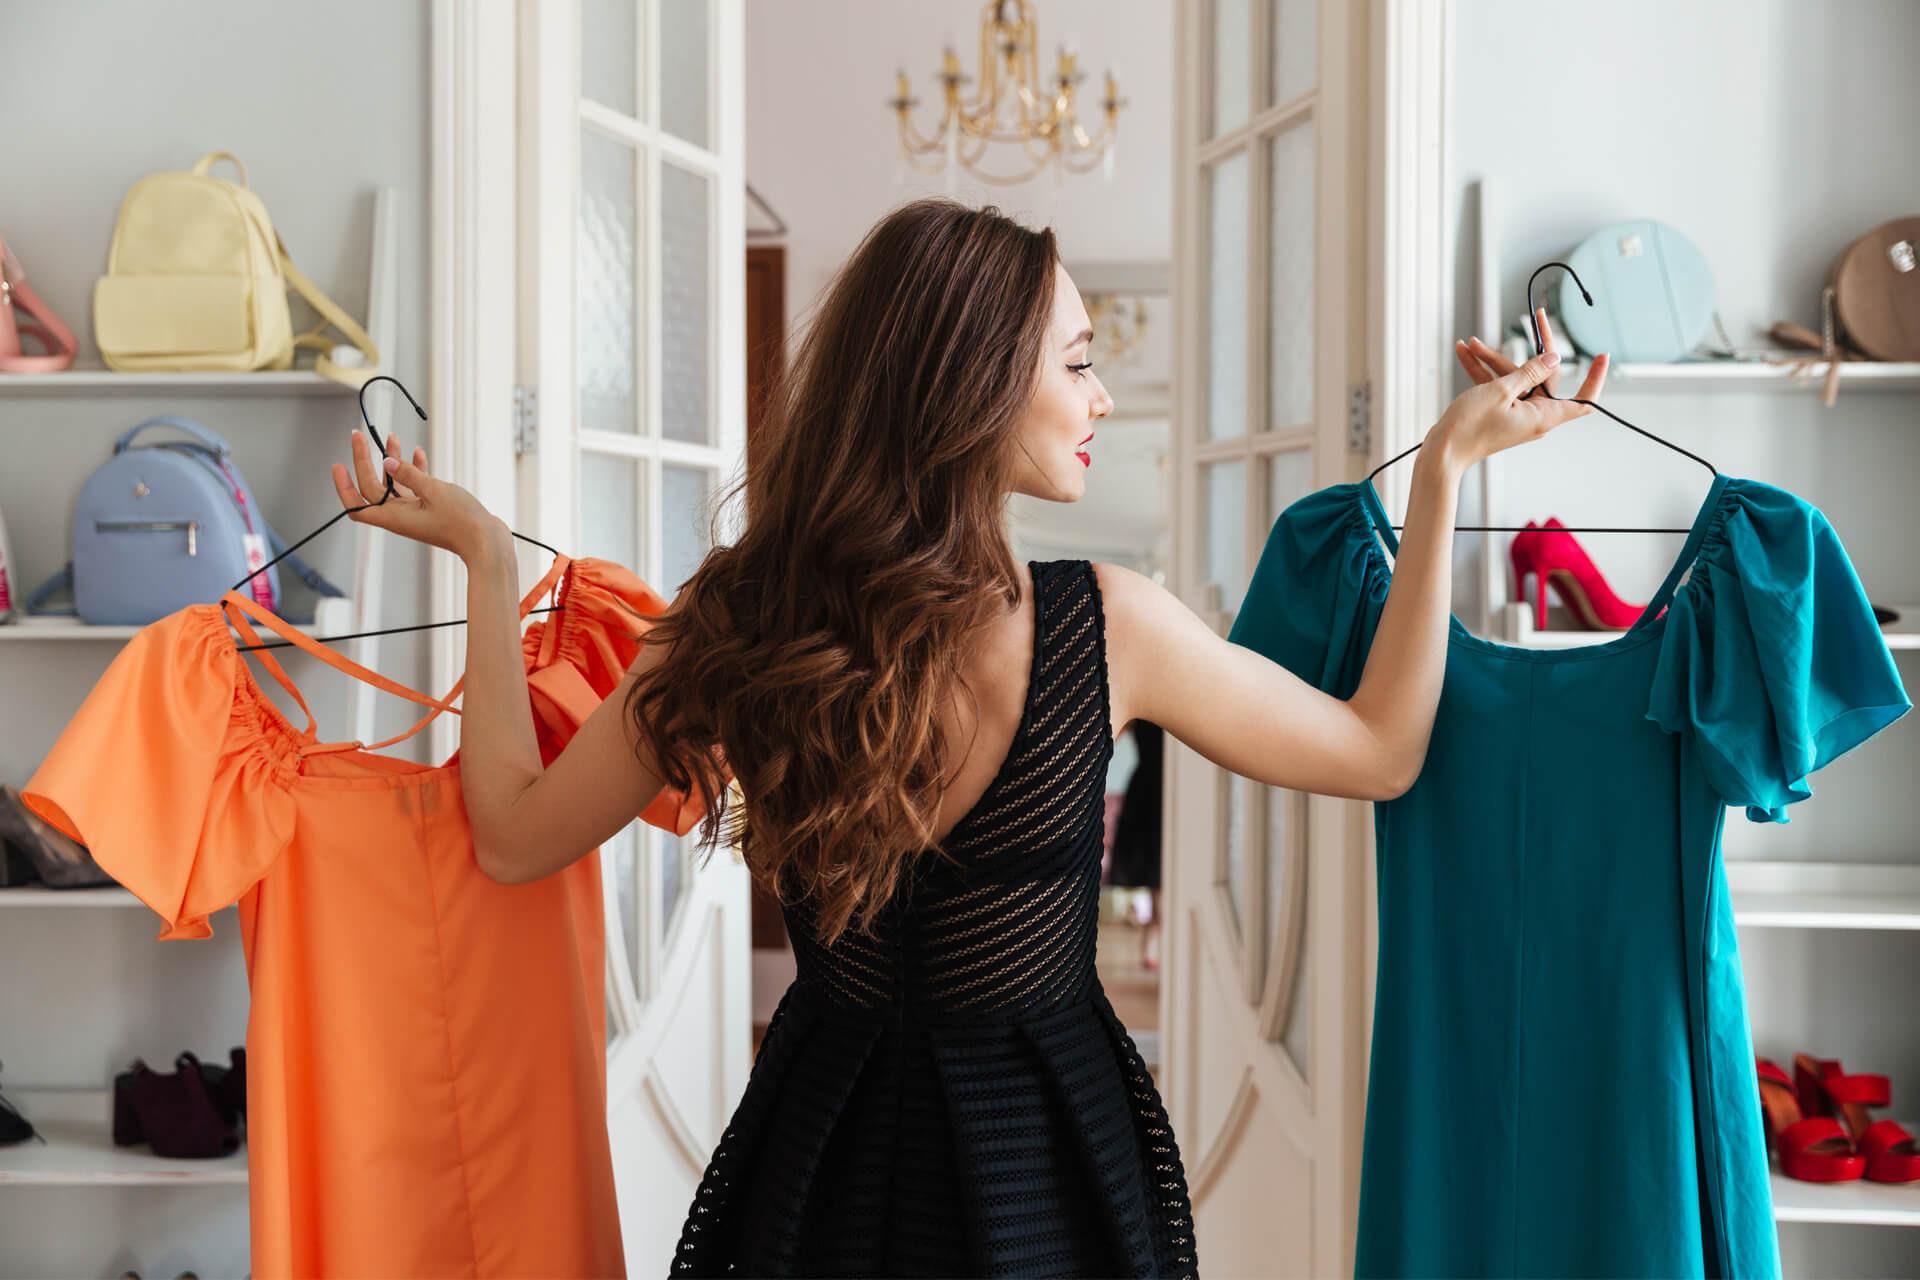 13 Genial Kleid Für Einen Abend Mieten Ärmel17 Top Kleid Für Einen Abend Mieten Galerie